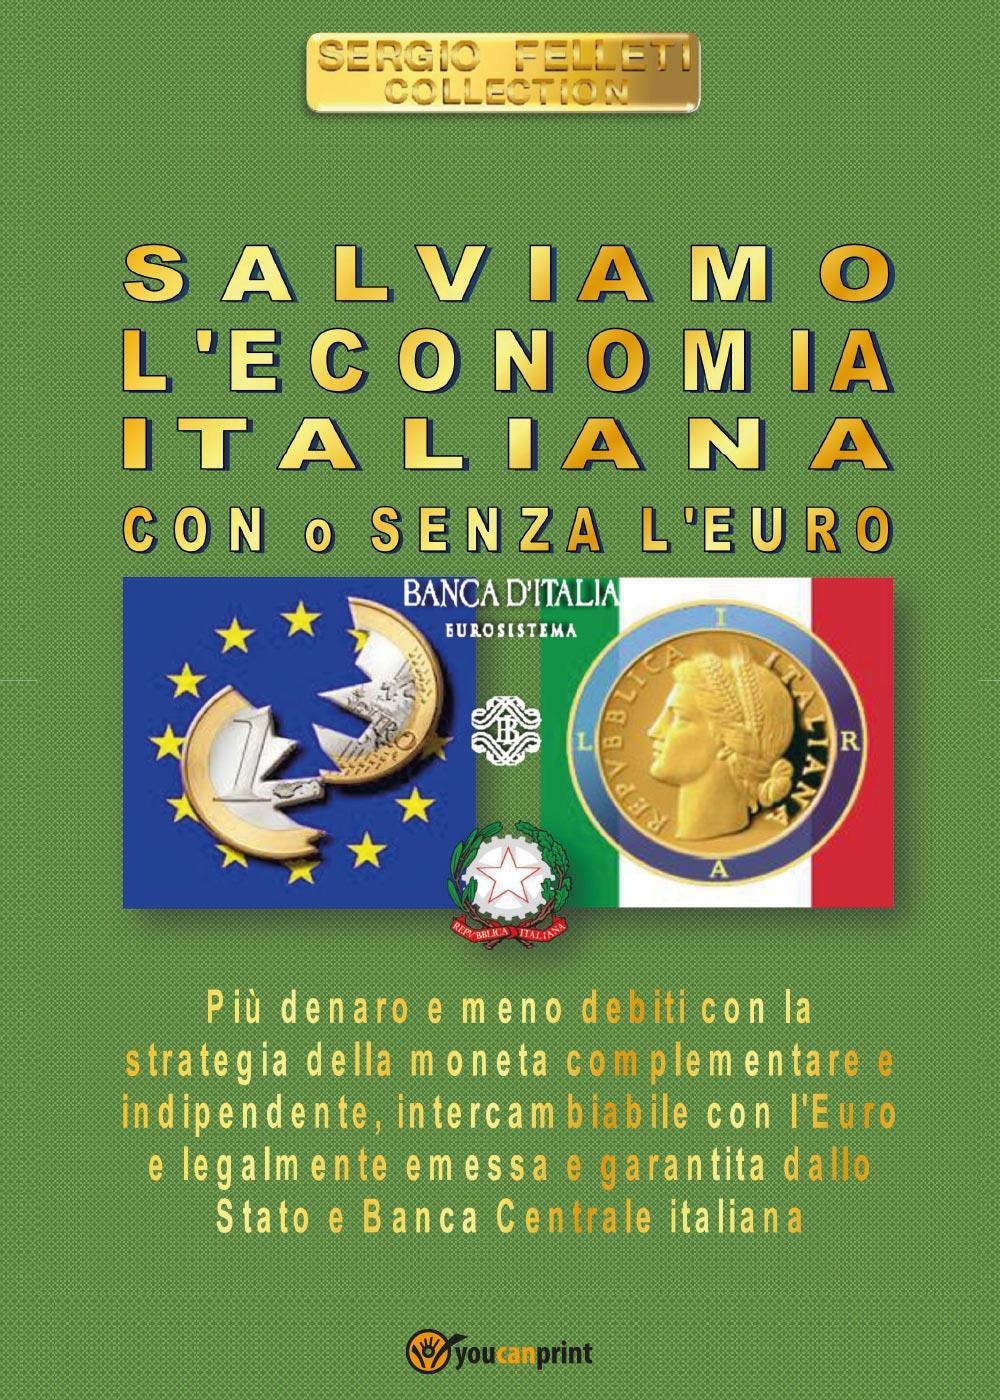 Salviamo l'economia italiana - Con o senza l'euro